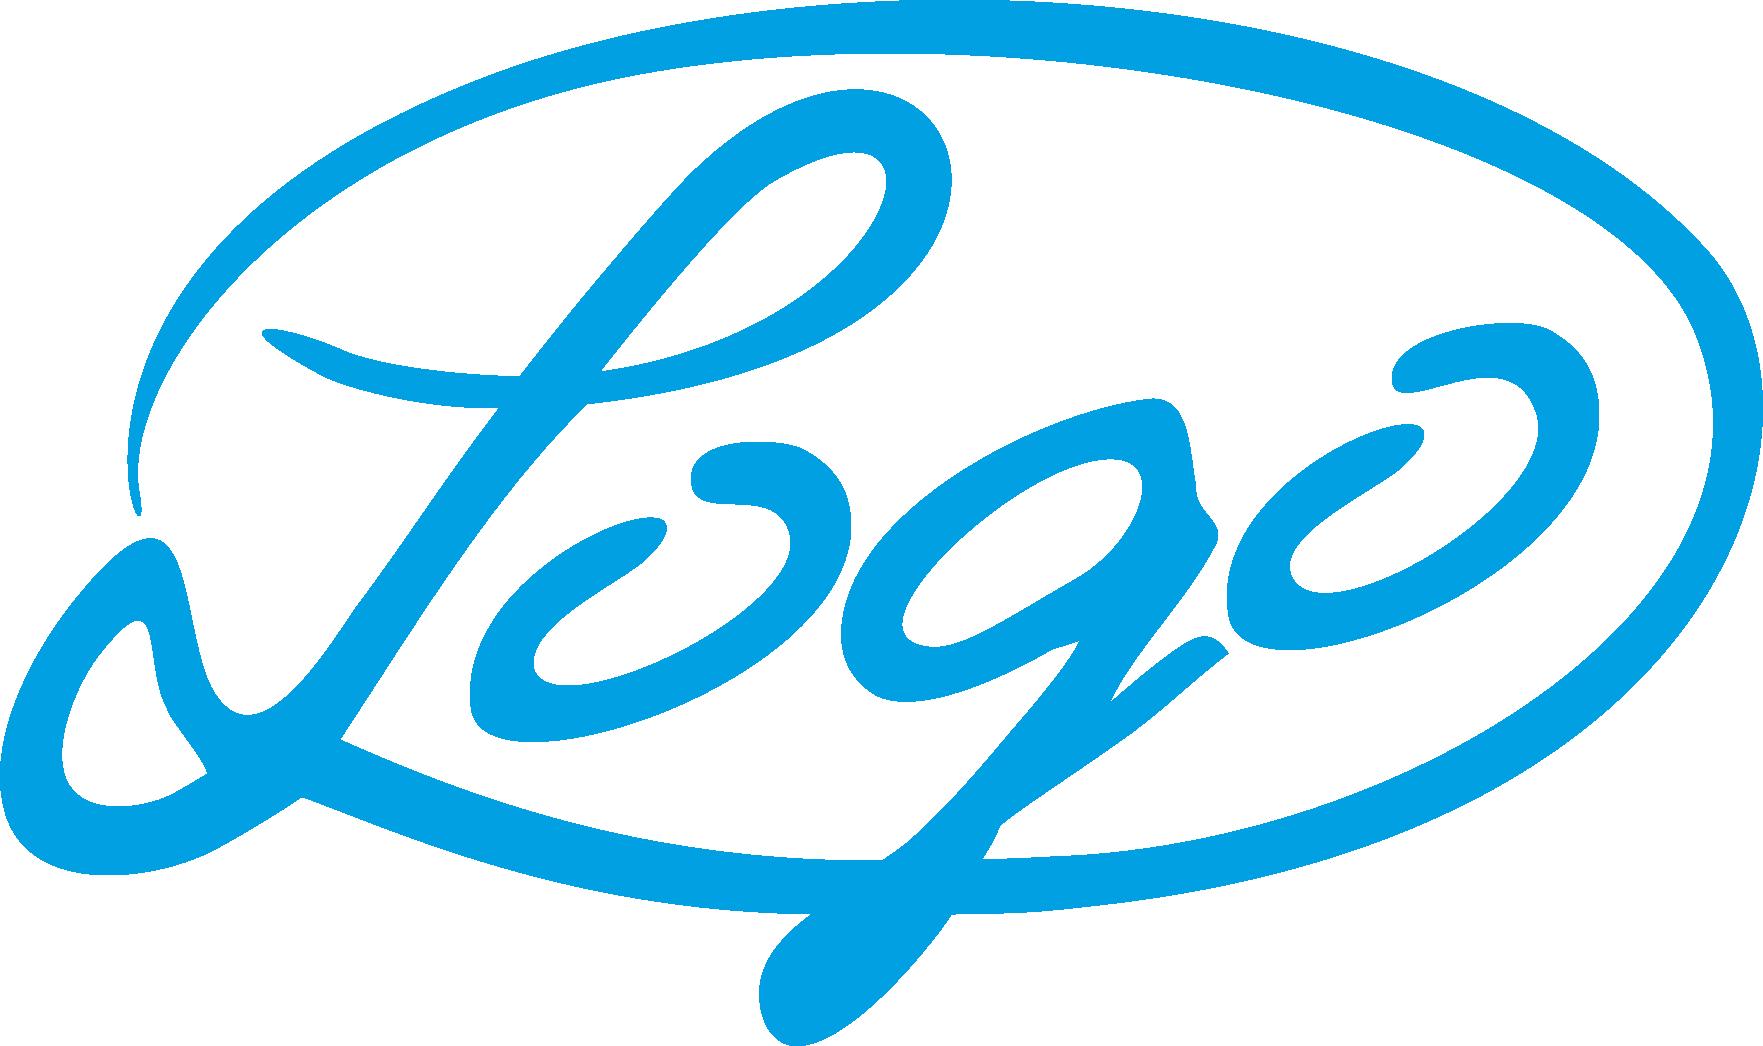 Logo Werbung Und Gestaltung